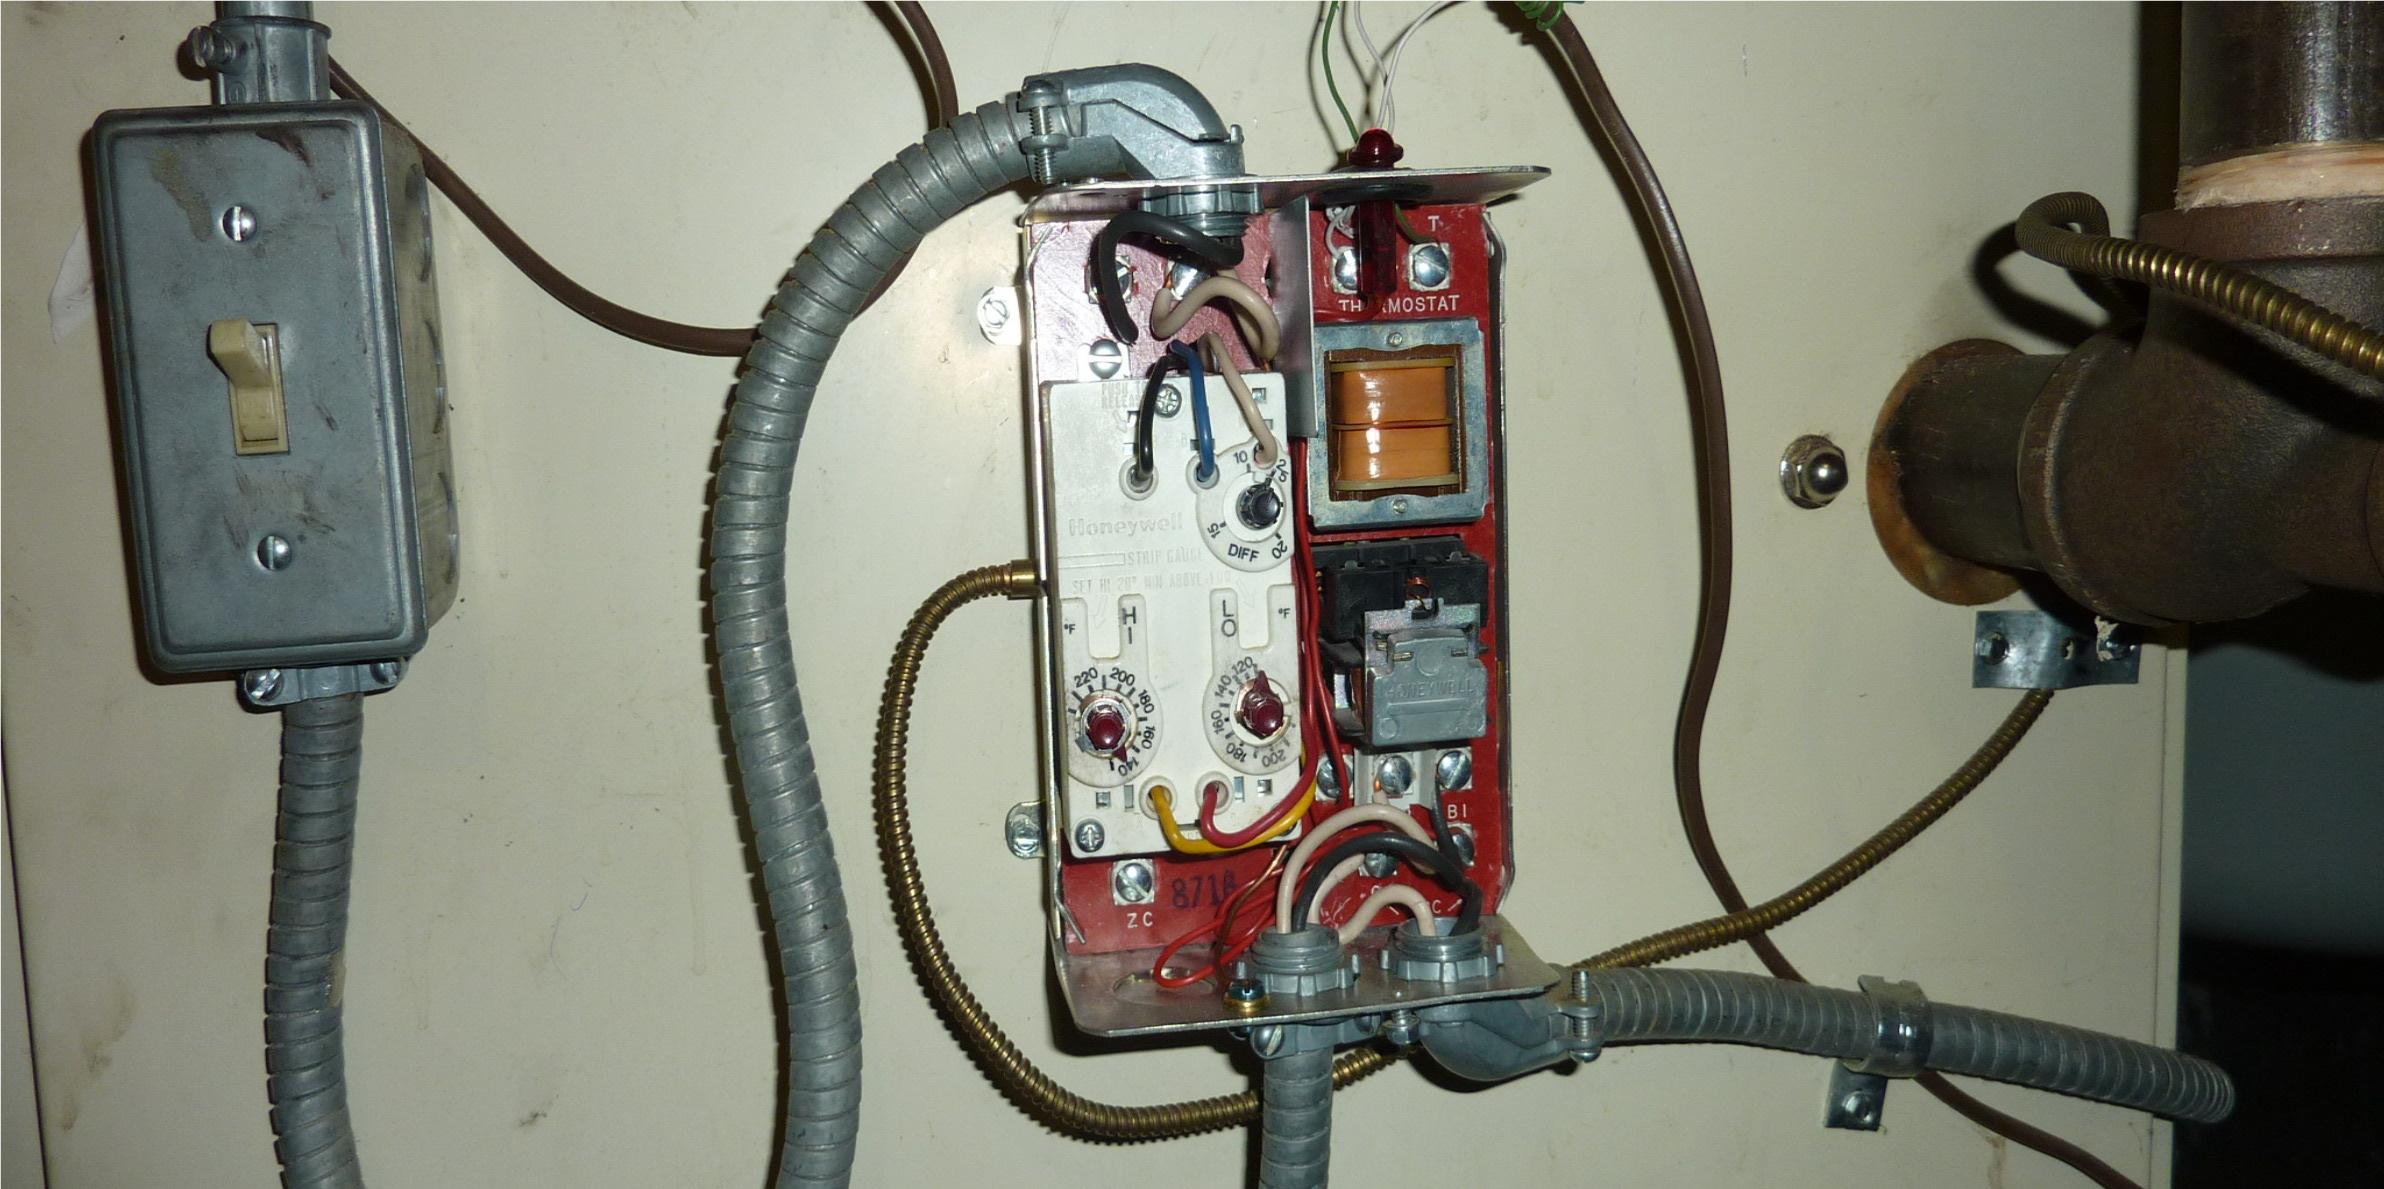 Honeywell Oil Burner Primary Control Wiring Diagram Schematics Furnace Controller R8184g4009 Beckett Elsavadorla Schematic For